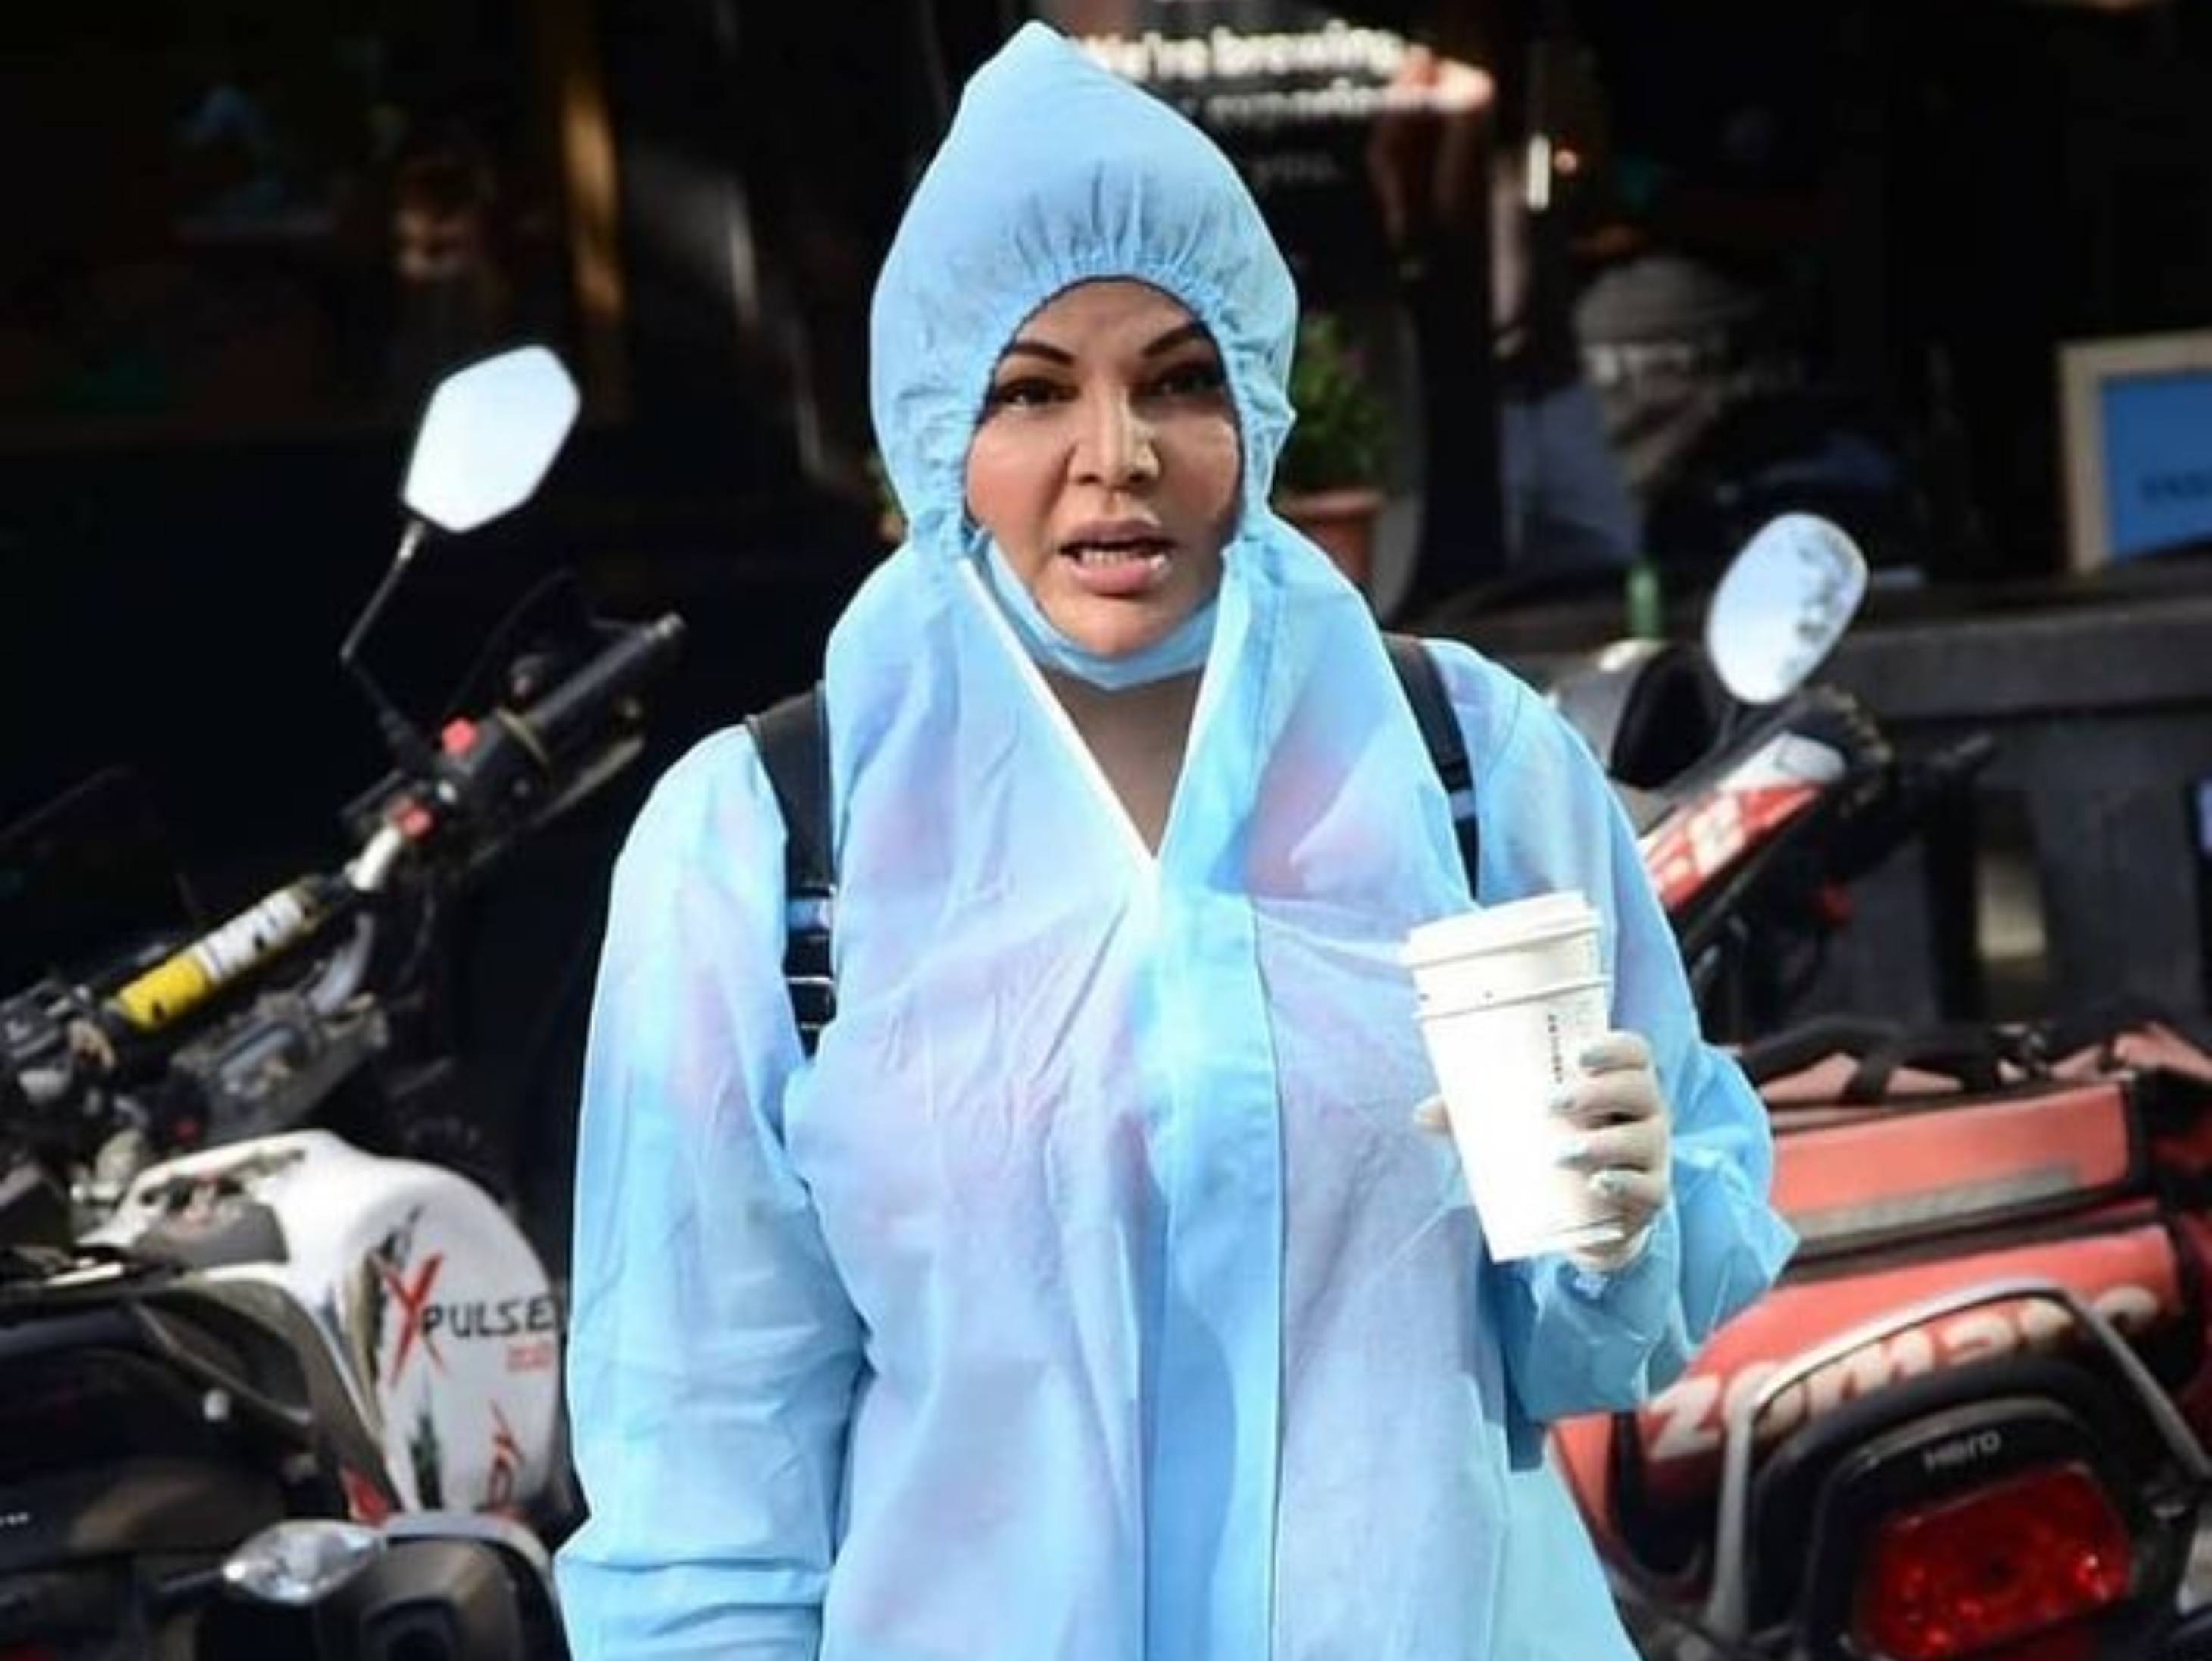 काेरोना संक्रमण पर राखी सावंत का बयान- मेरे शरीर में पवित्र खून है, इसलिए मुझे कोरोना नहीं होगा बॉलीवुड,Bollywood - Dainik Bhaskar